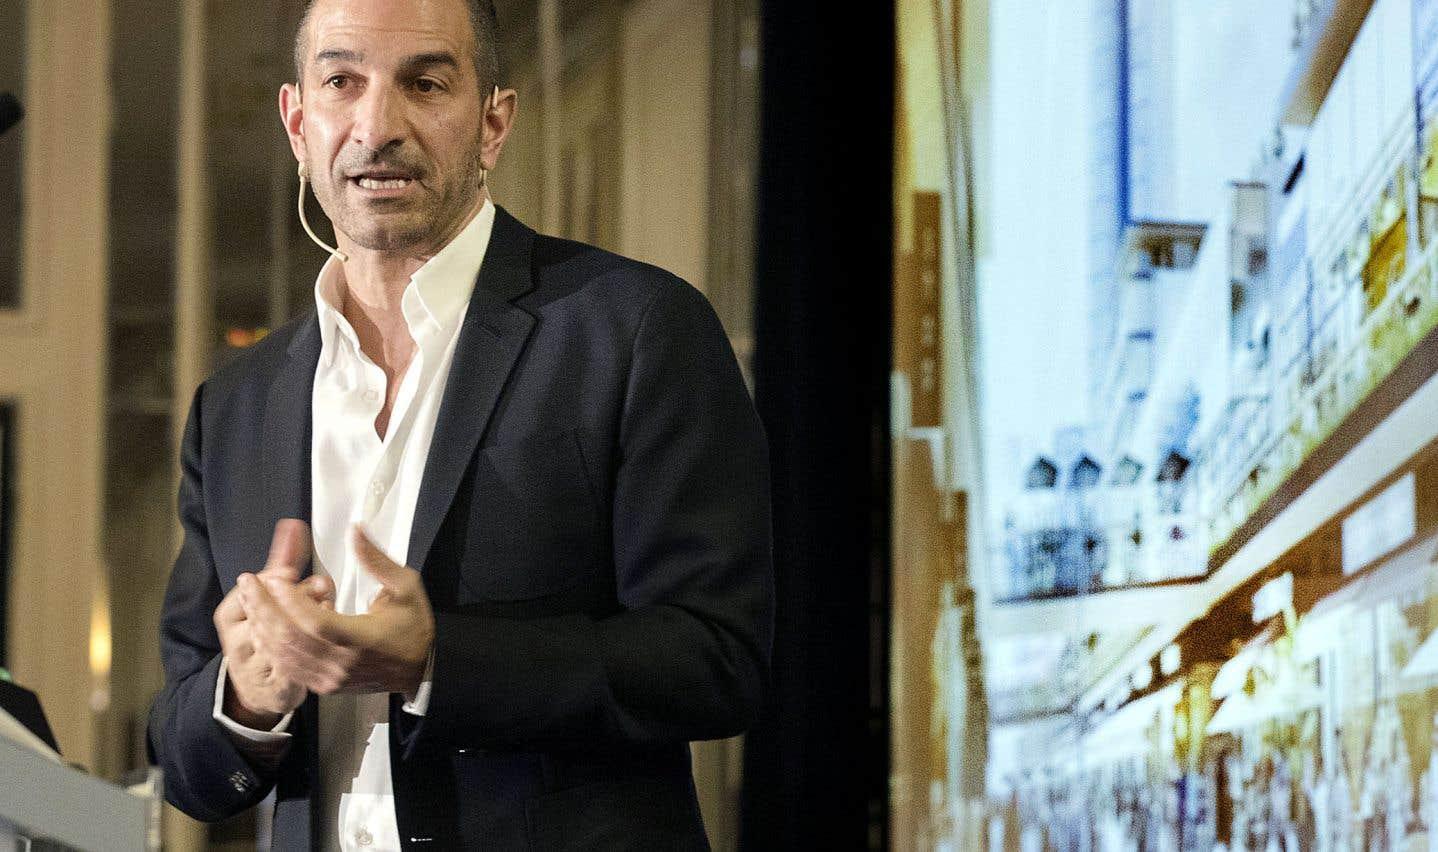 Andrew Lutfy, président et chef de la direction de Carbonleo, a présenté lundi le projet de centre commercial et de divertissement qui devrait voir le jour d'ici 2022.